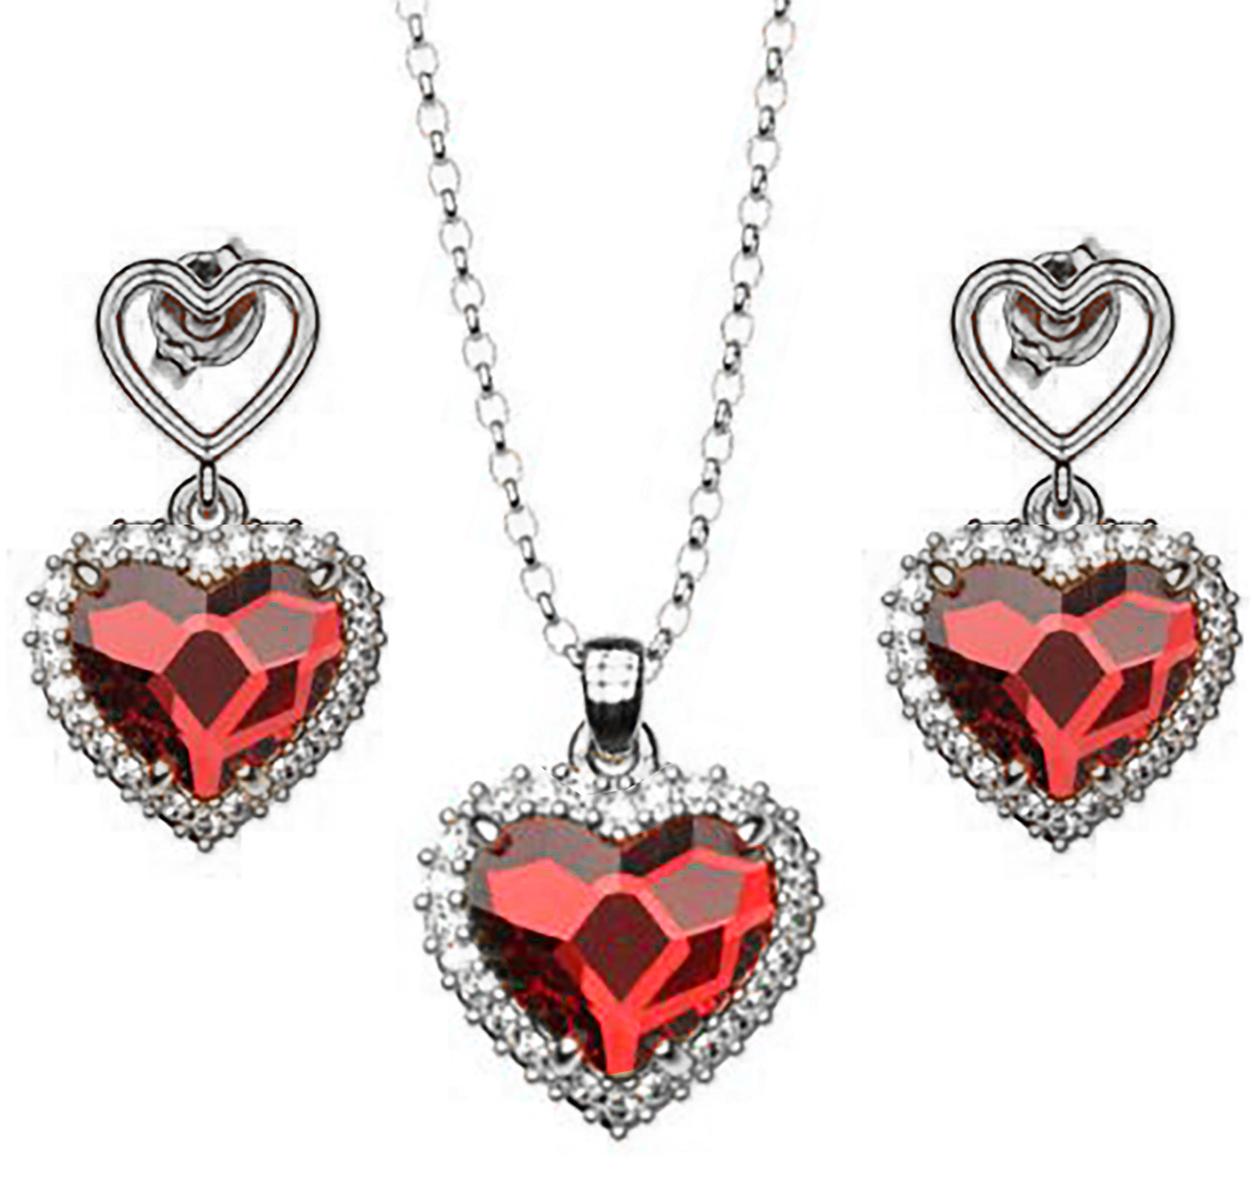 Σέτ κολιέ και σκουλαρίκια συλλογή Love καρδιές από ασήμι με πέτρες Swarovski 64cb965c3b5